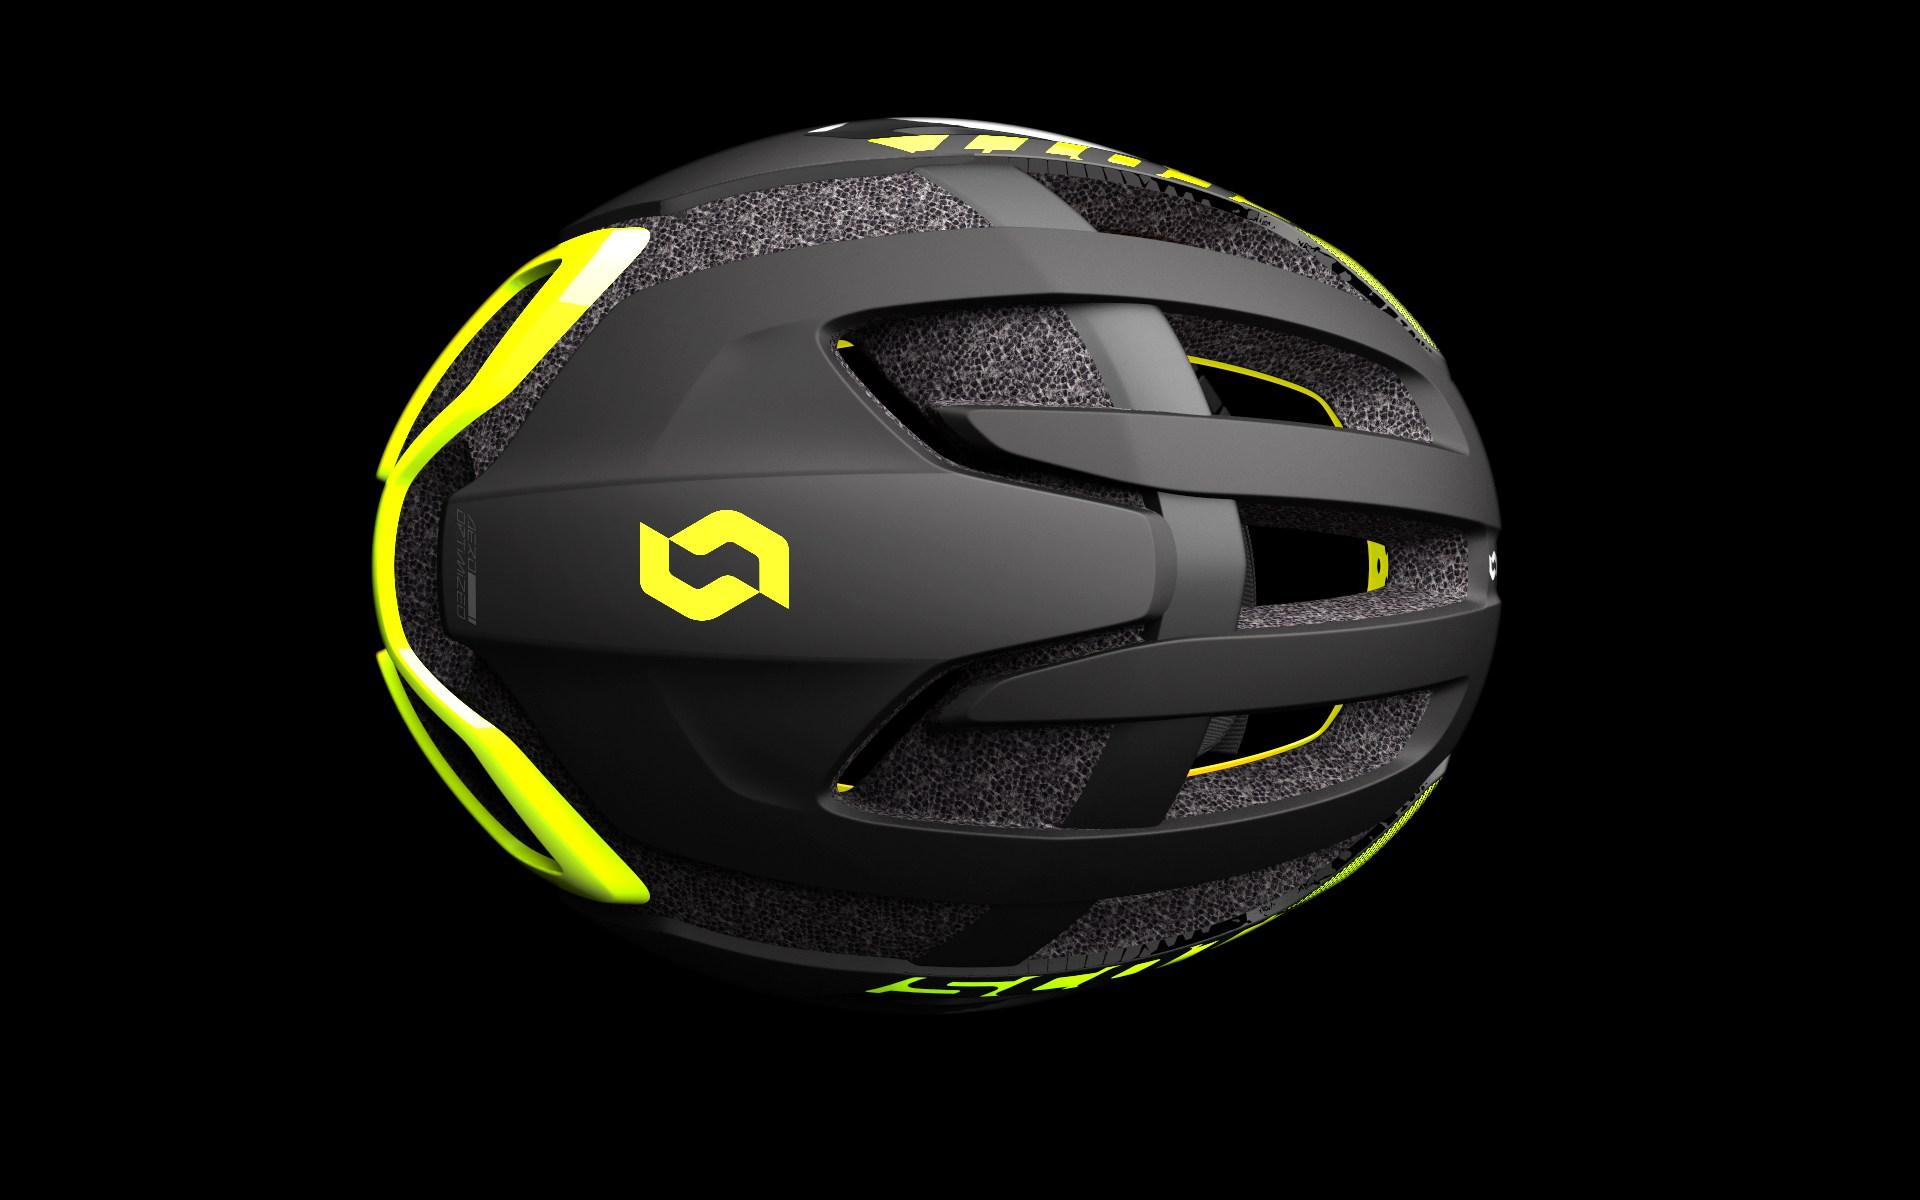 capacete-scott-centric-plus-2017-ventilacao